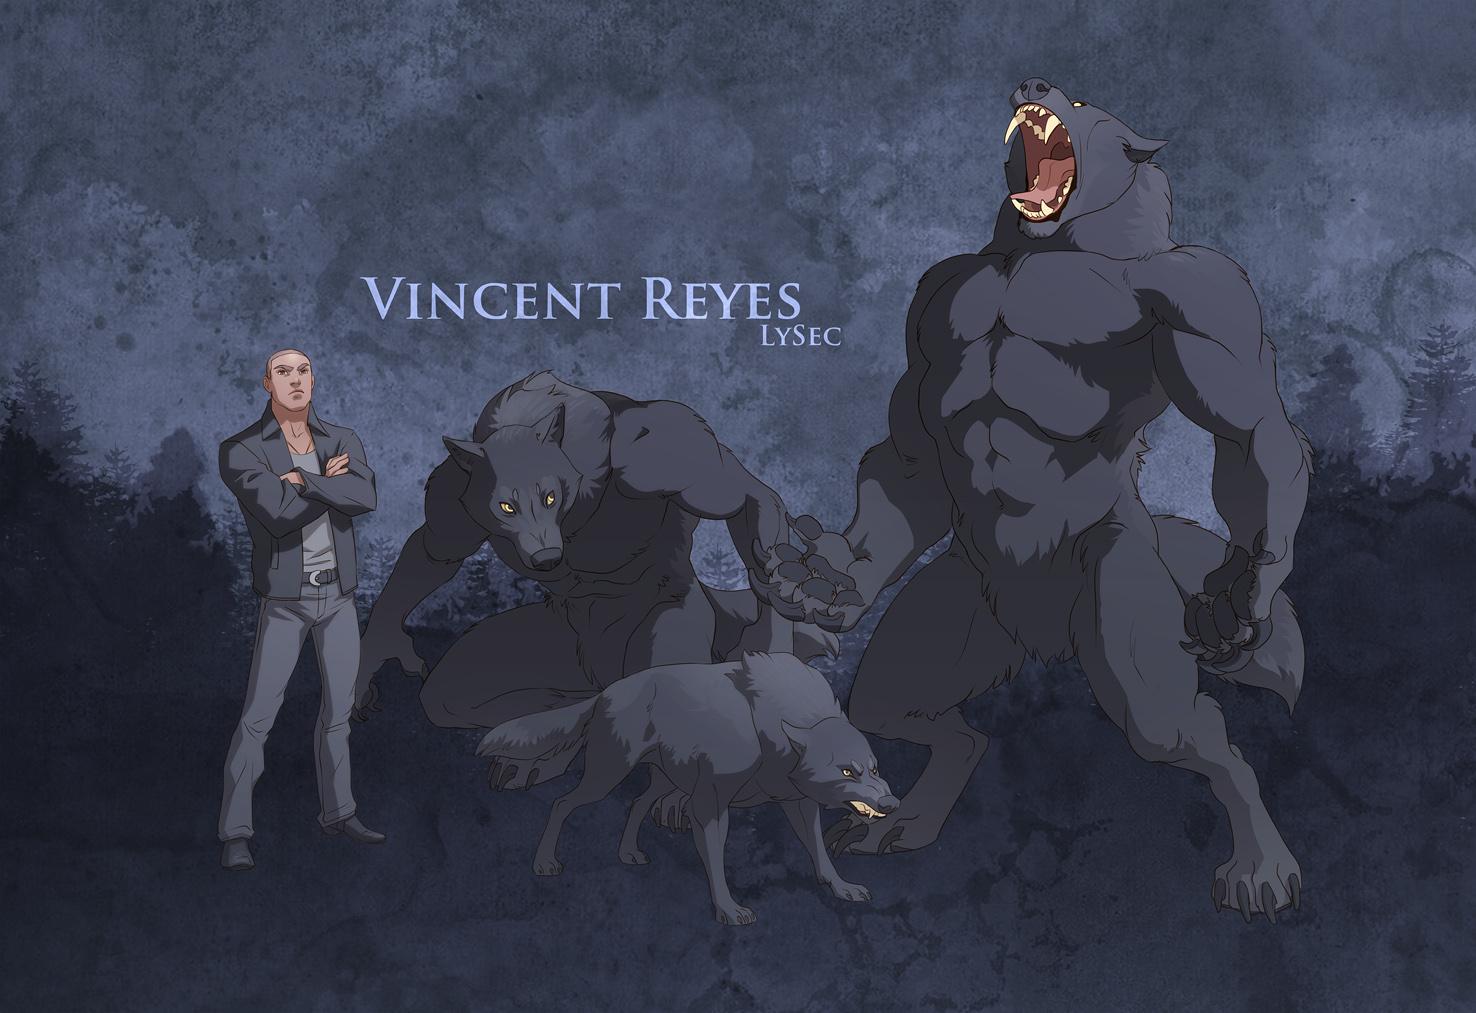 Vincent Reyes